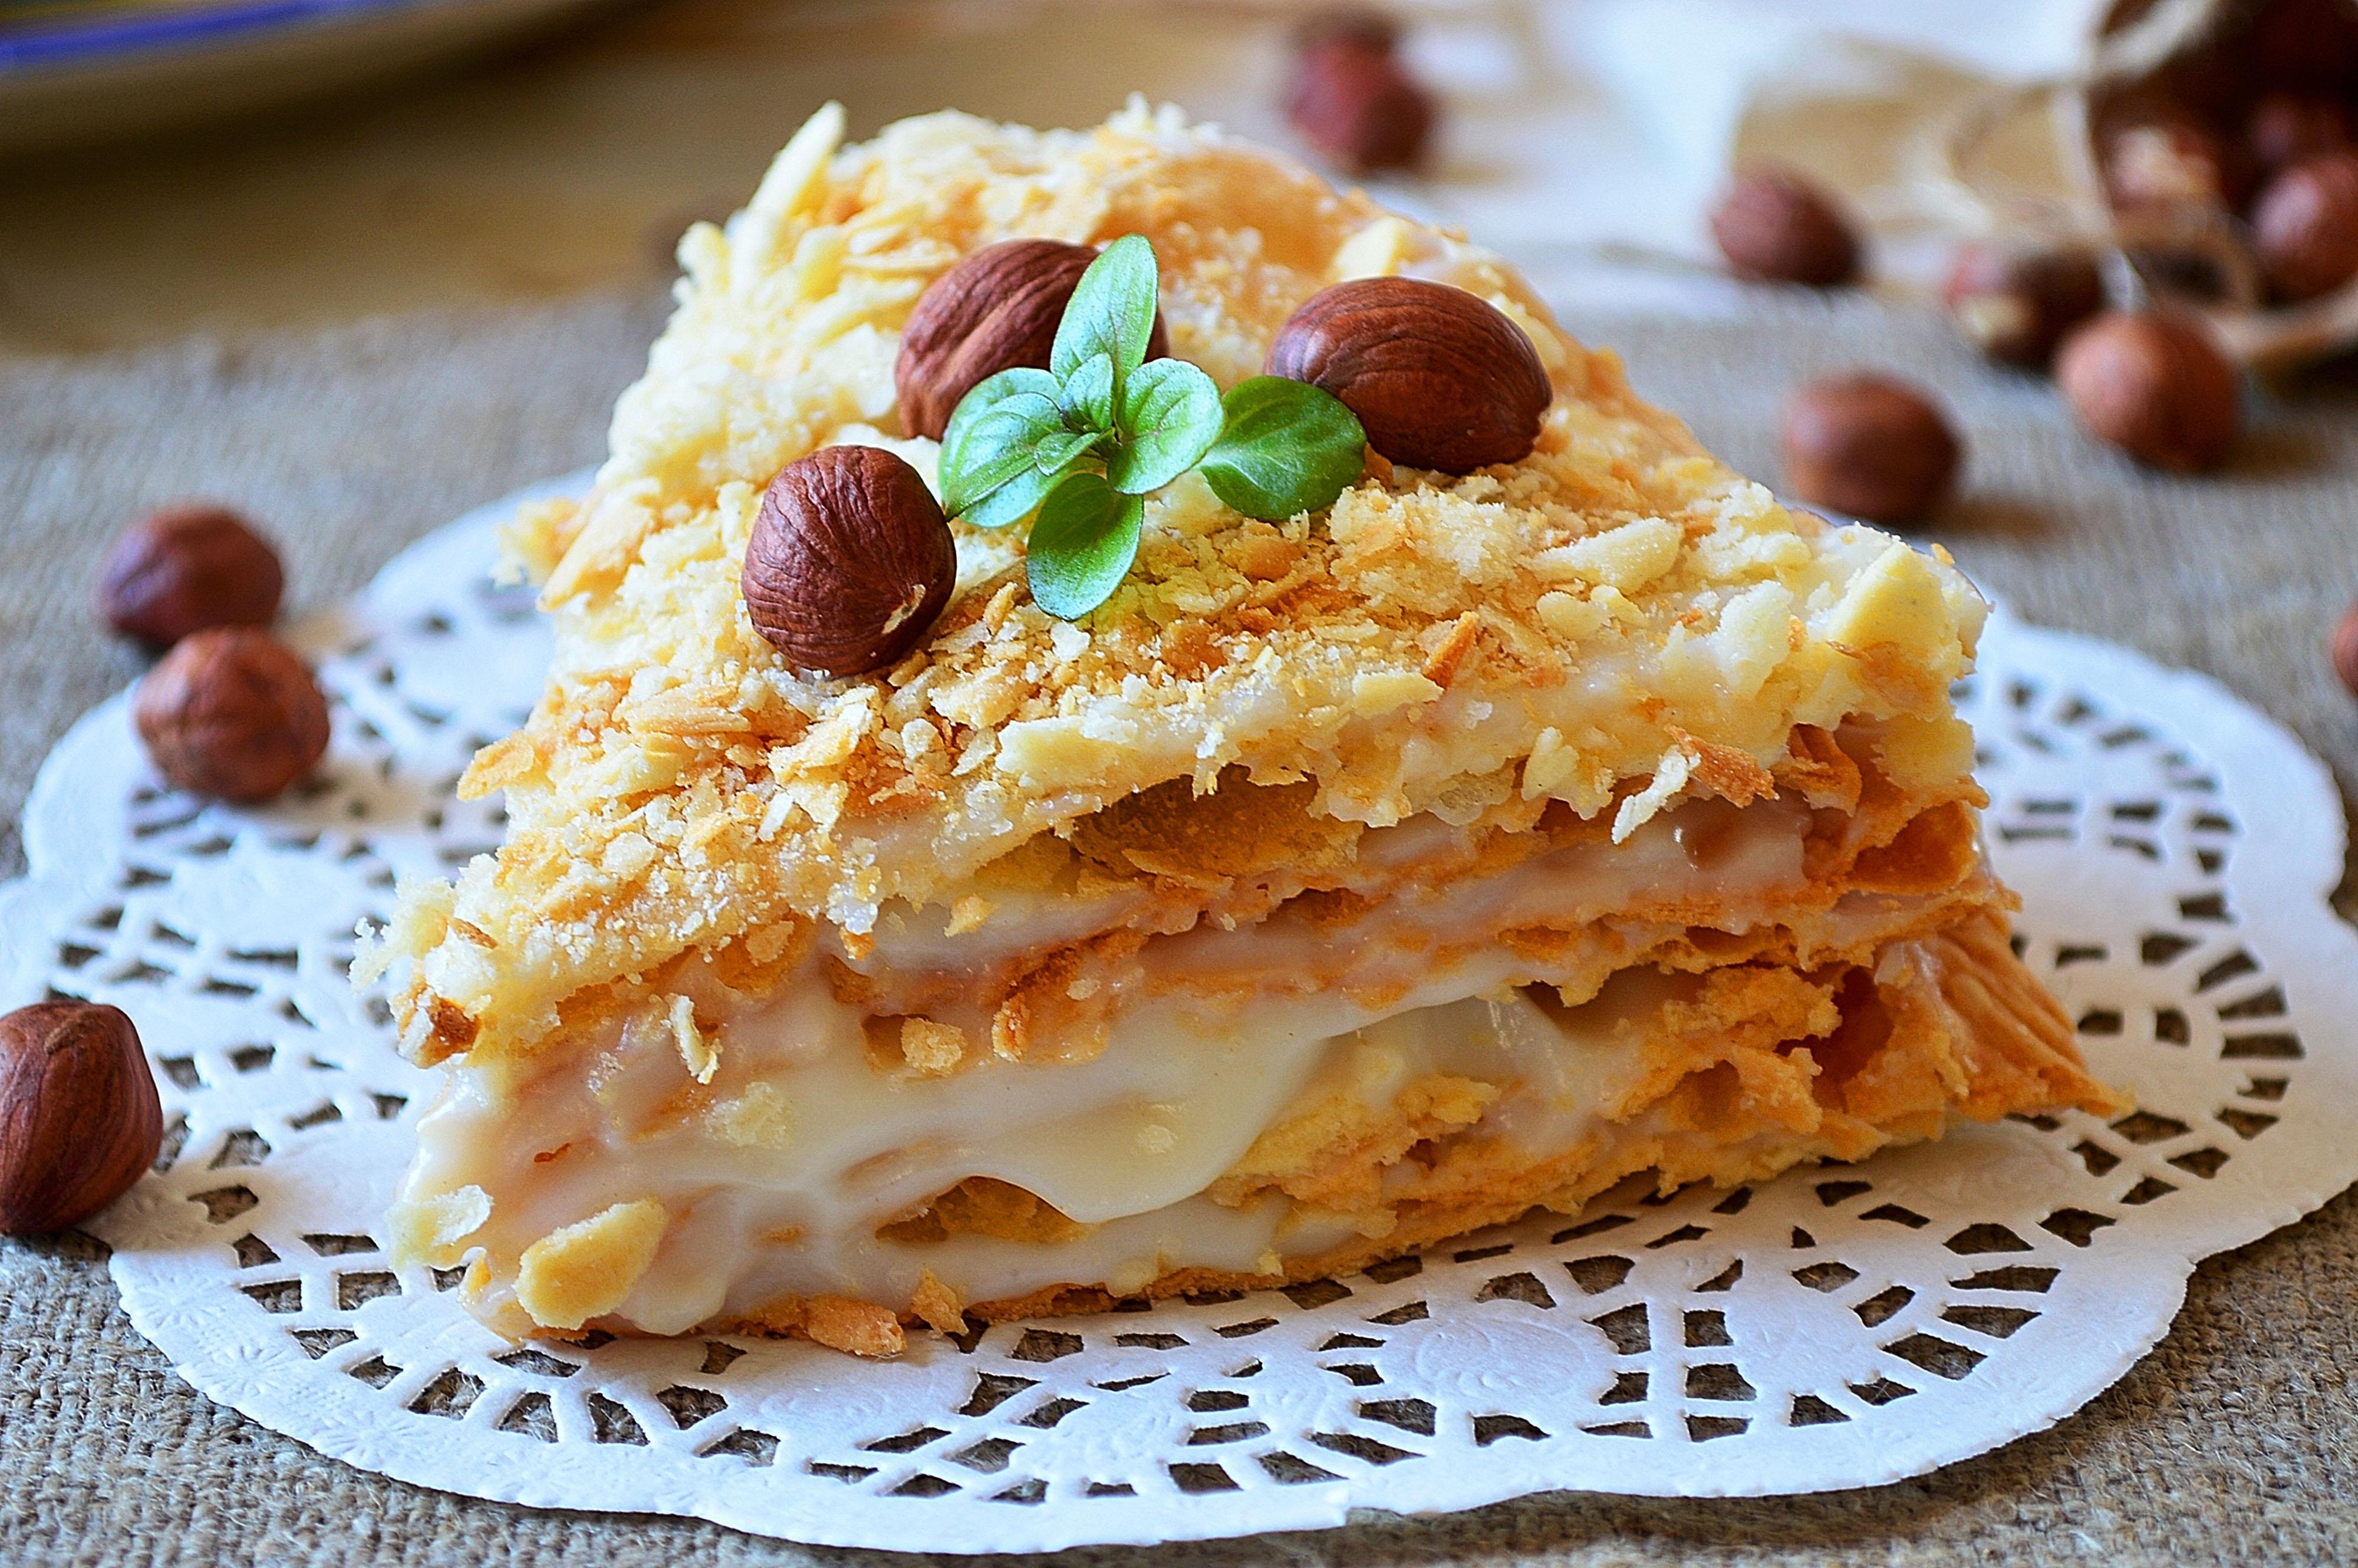 Napoleon Cake é um doce sofisticado, embora o seu preparo seja simples. É bom para servir na hora do lanche / GB Imagem